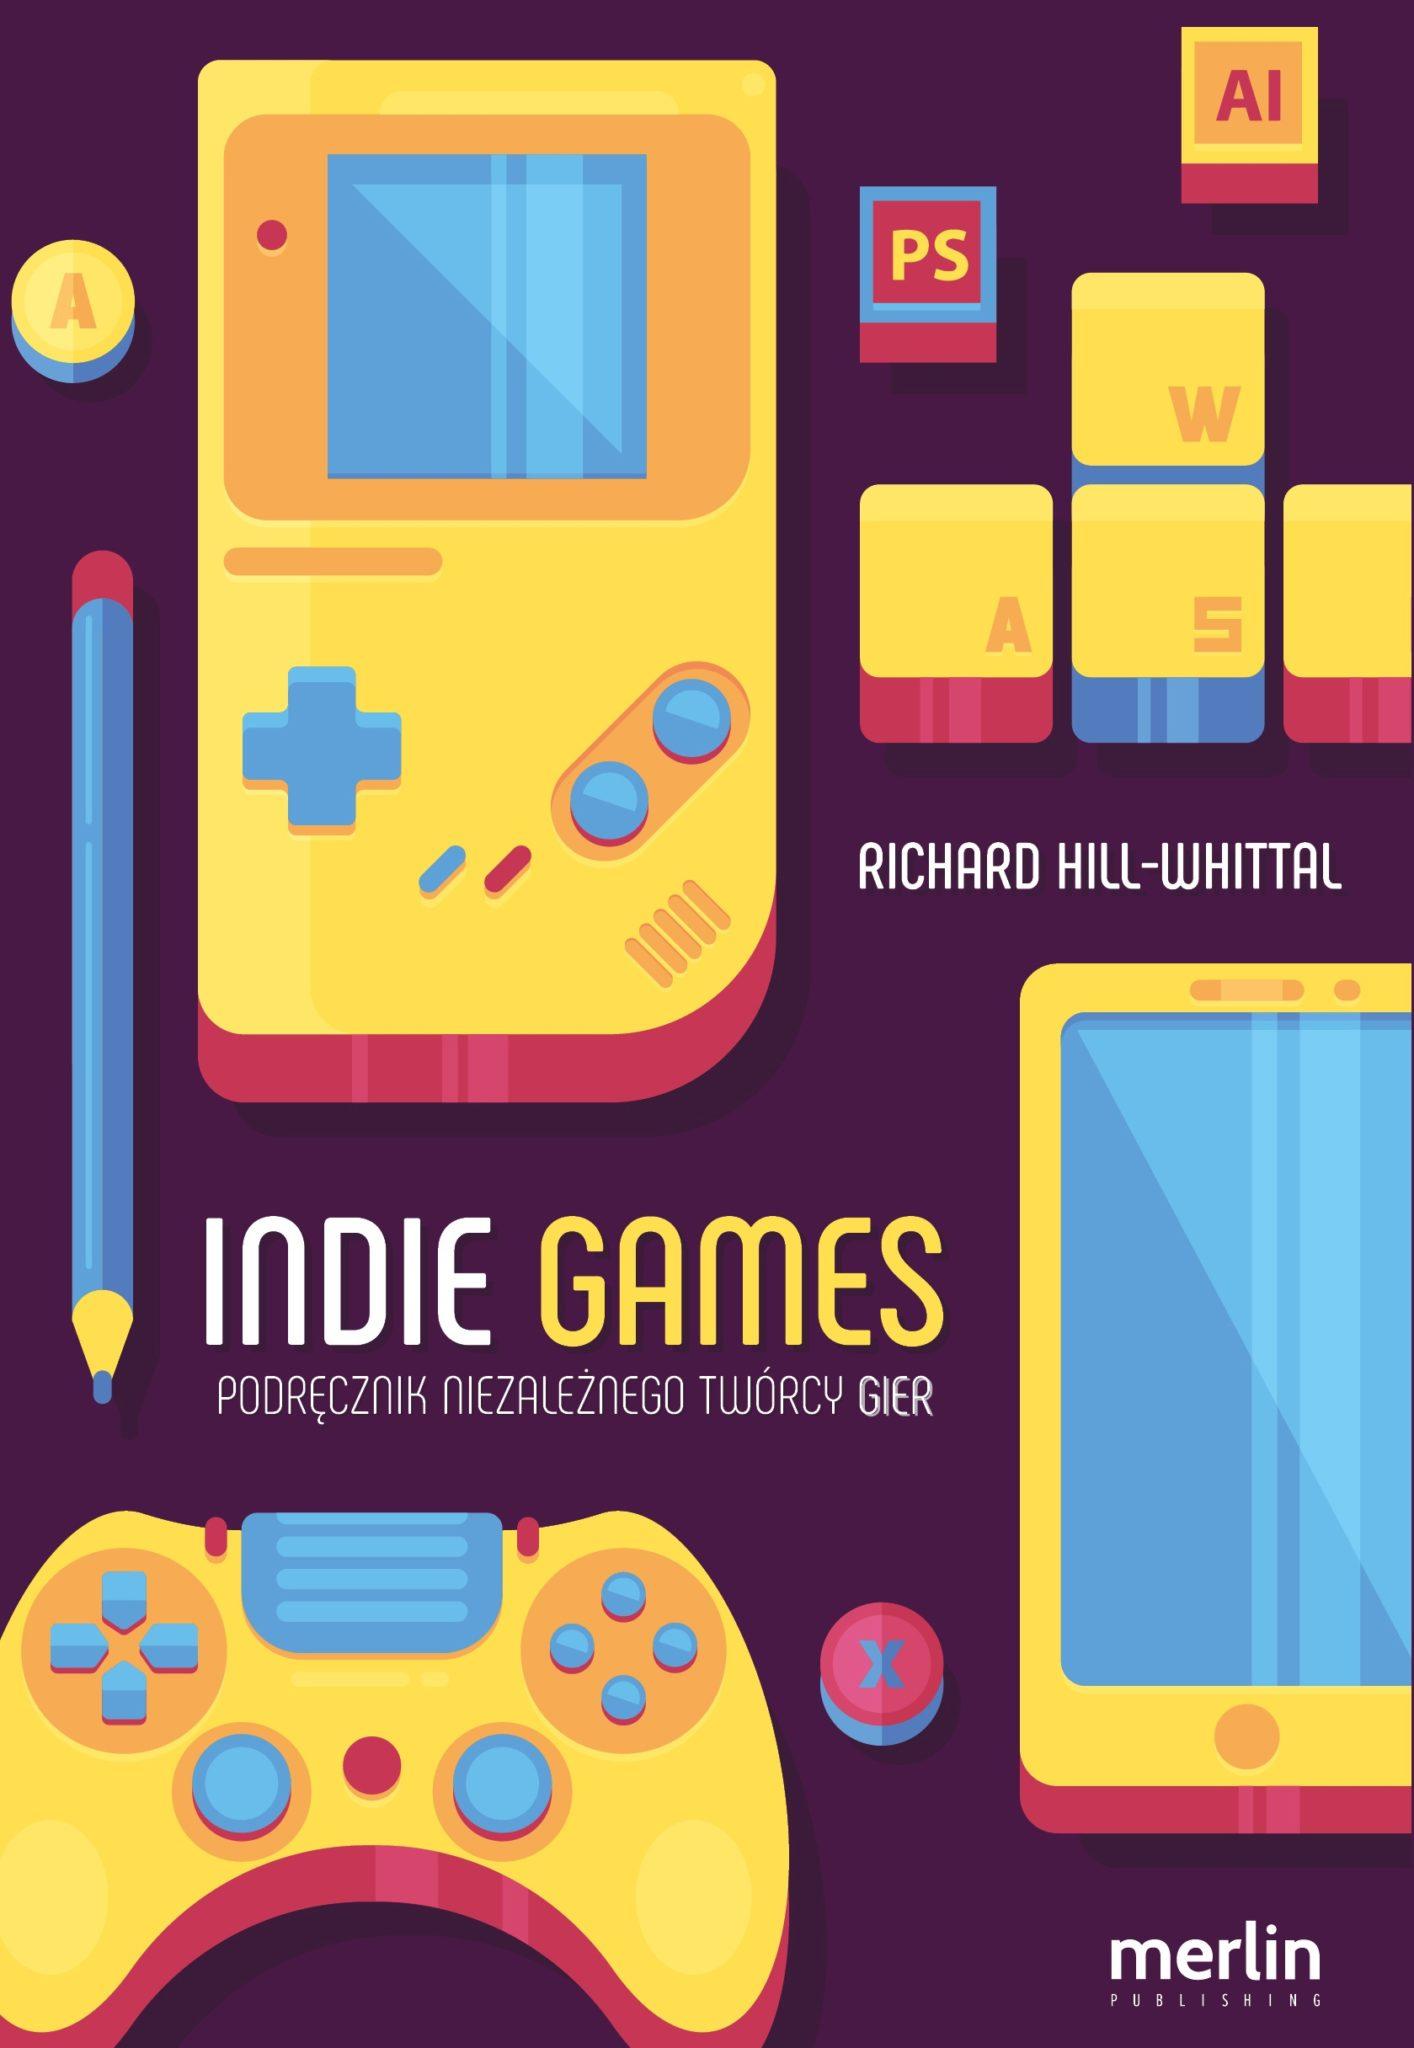 indie games podręcznik niezależnego twórcy gier polska okładka